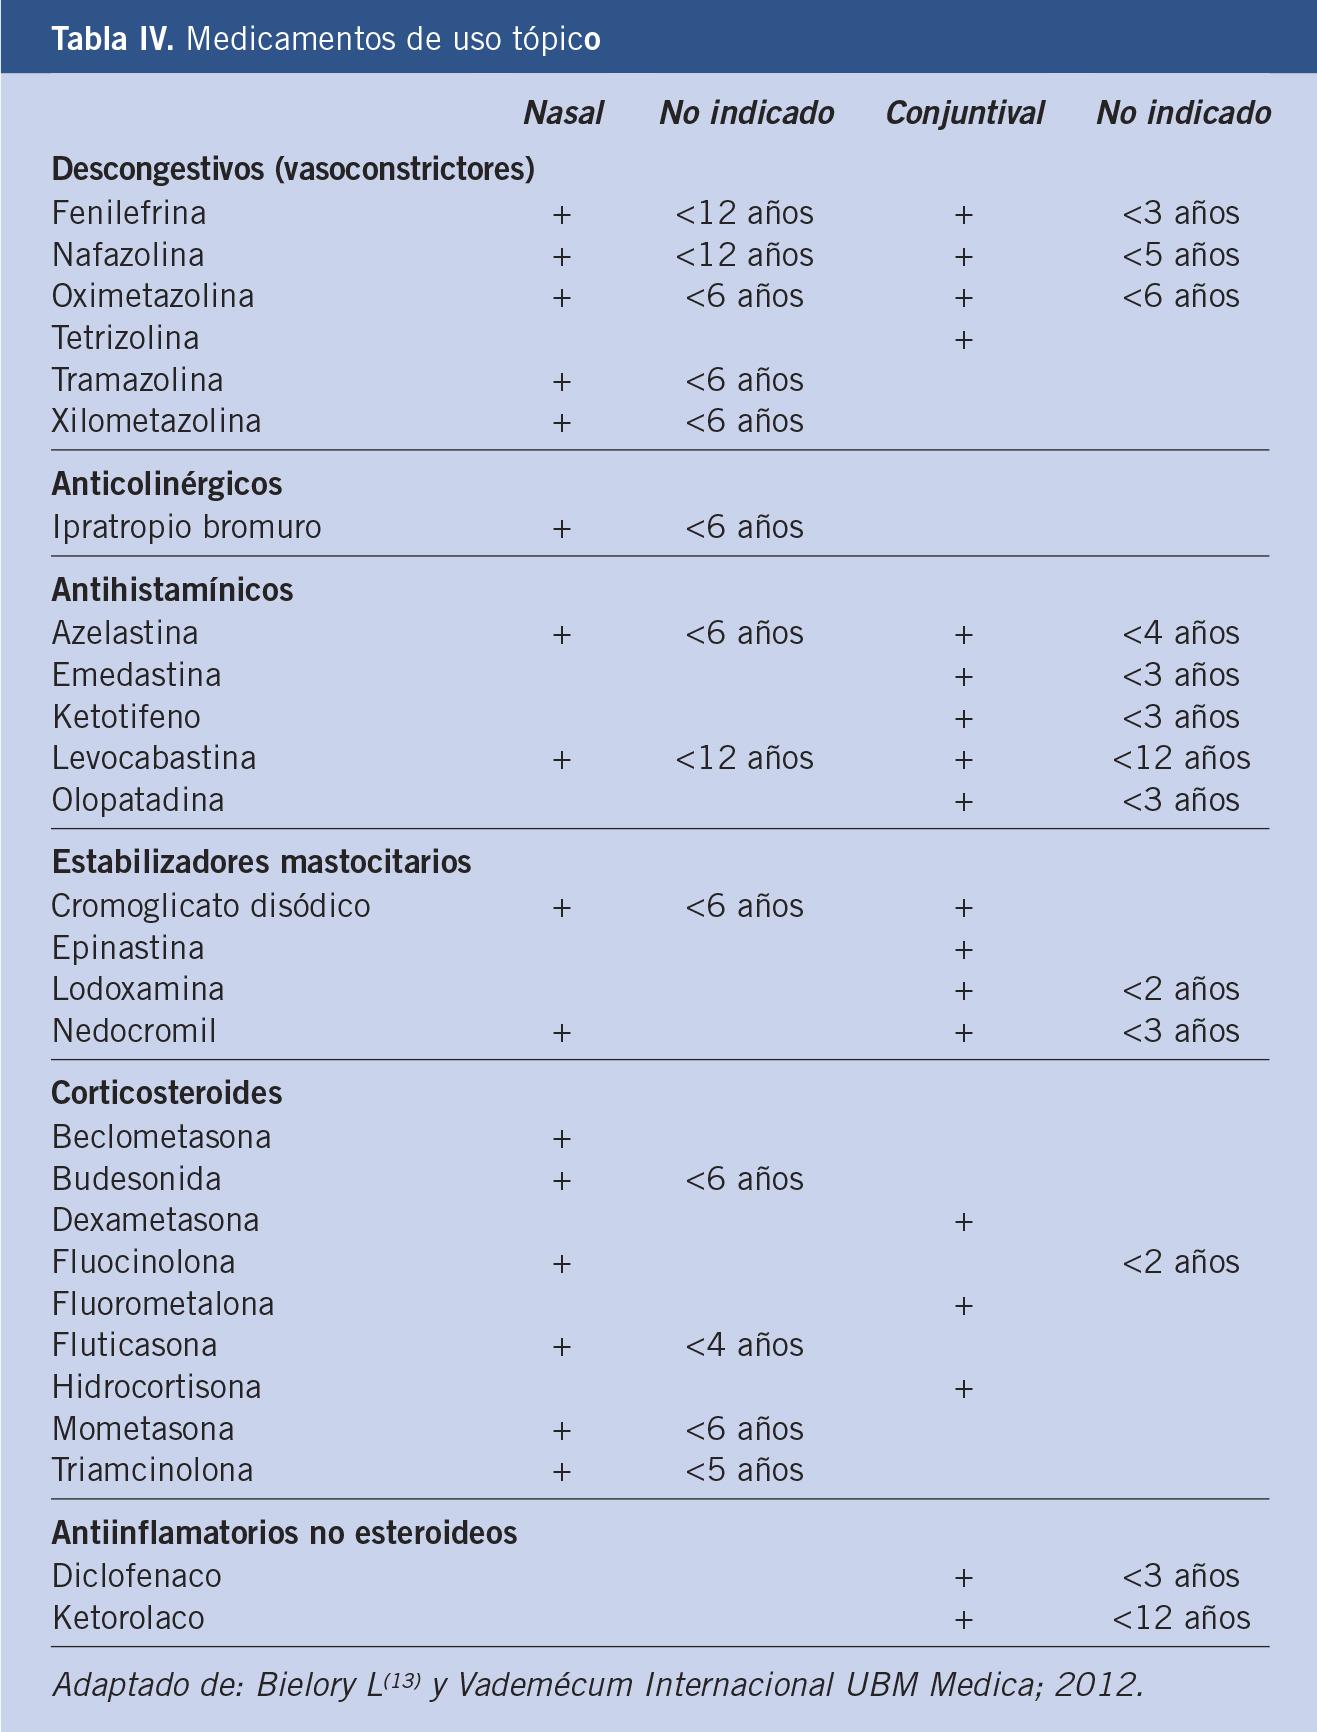 corticosteroides topicos nasales